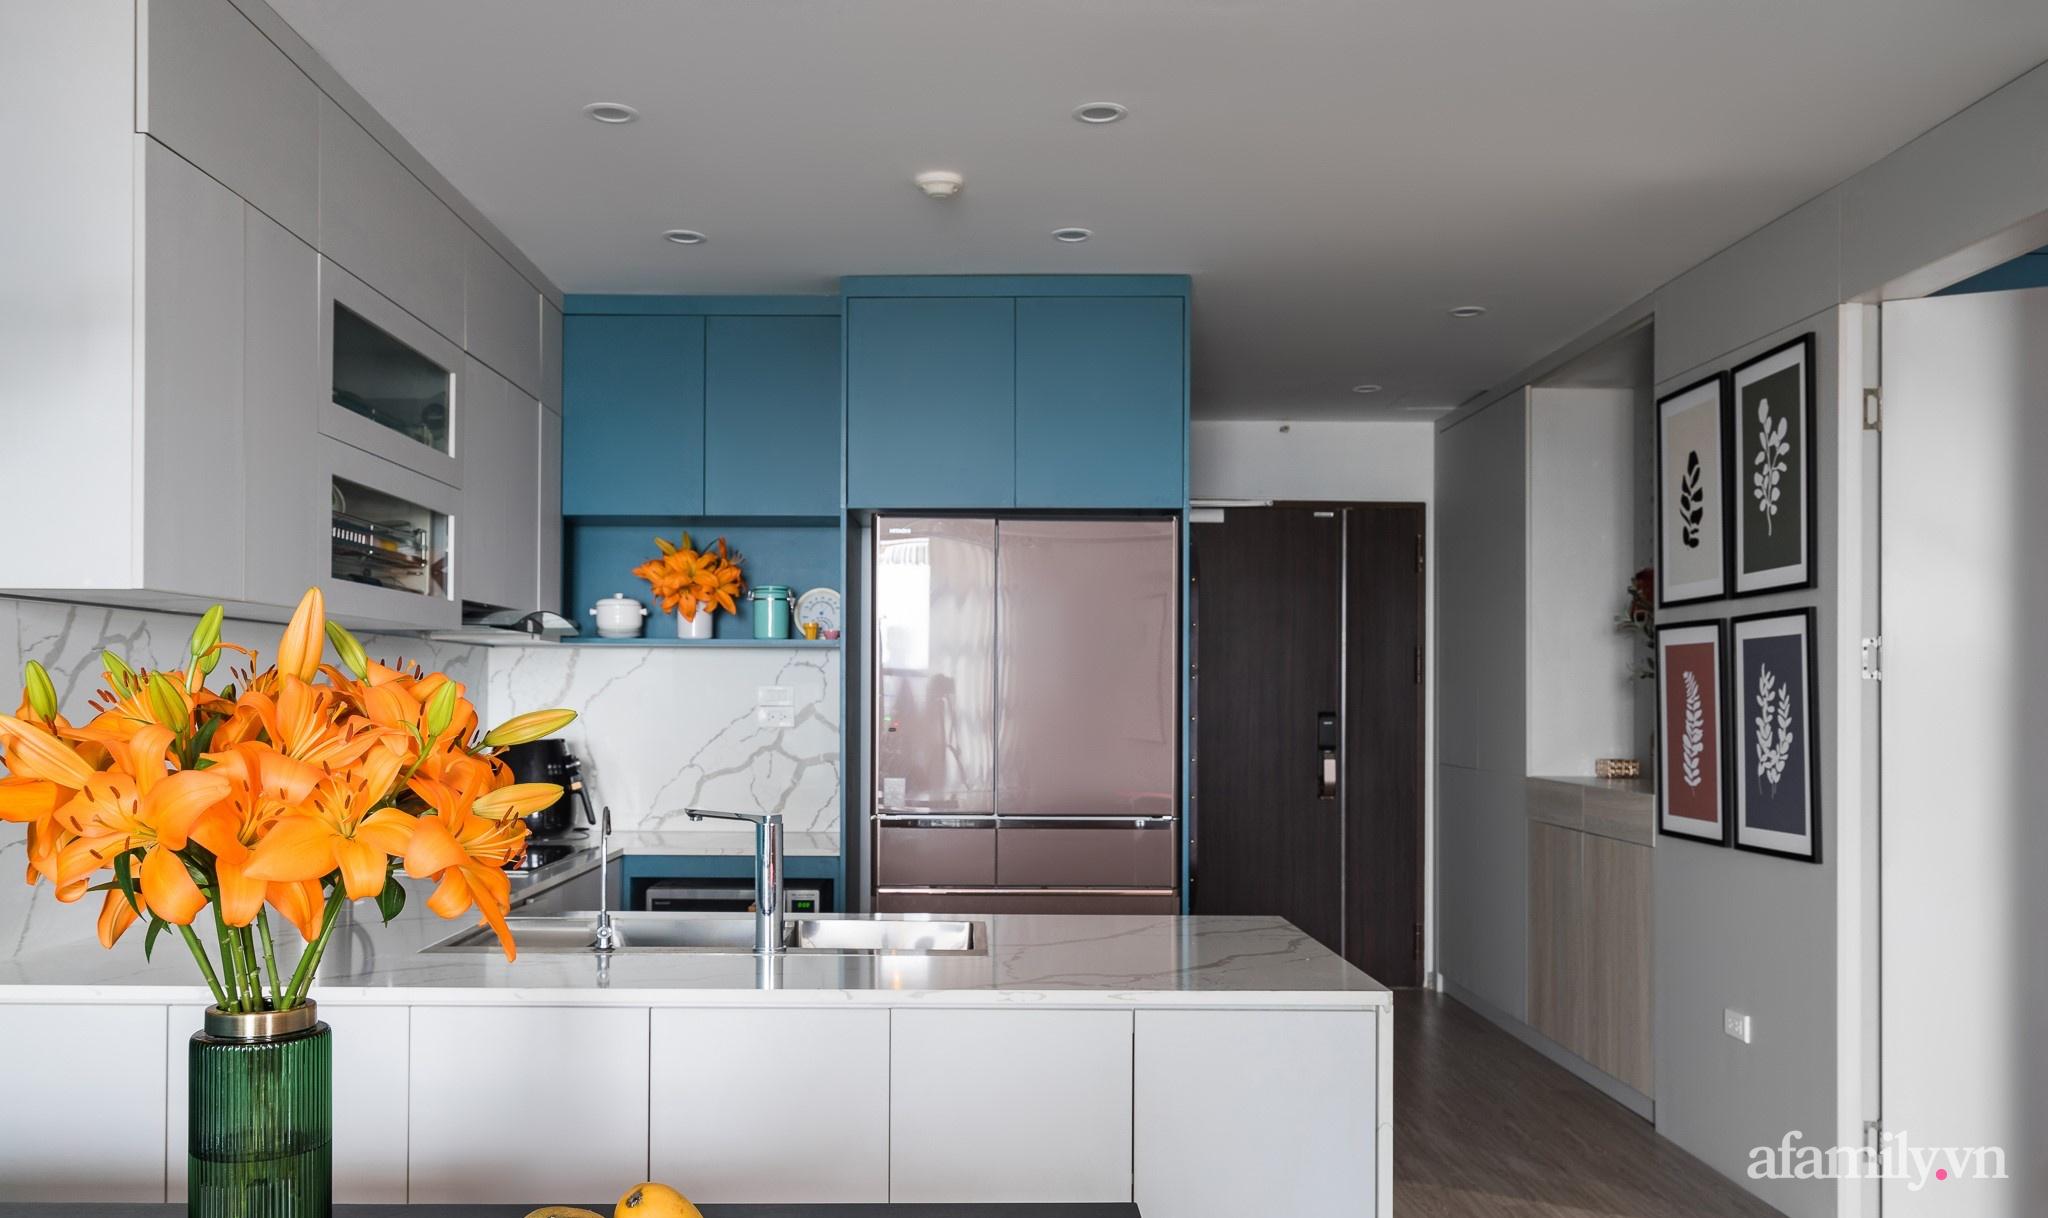 """Kiến trúc sư Hà Nội """"bật mí"""" về tam giác công năng và những điều cần lưu ý khi thiết kế bếp - Ảnh 6."""